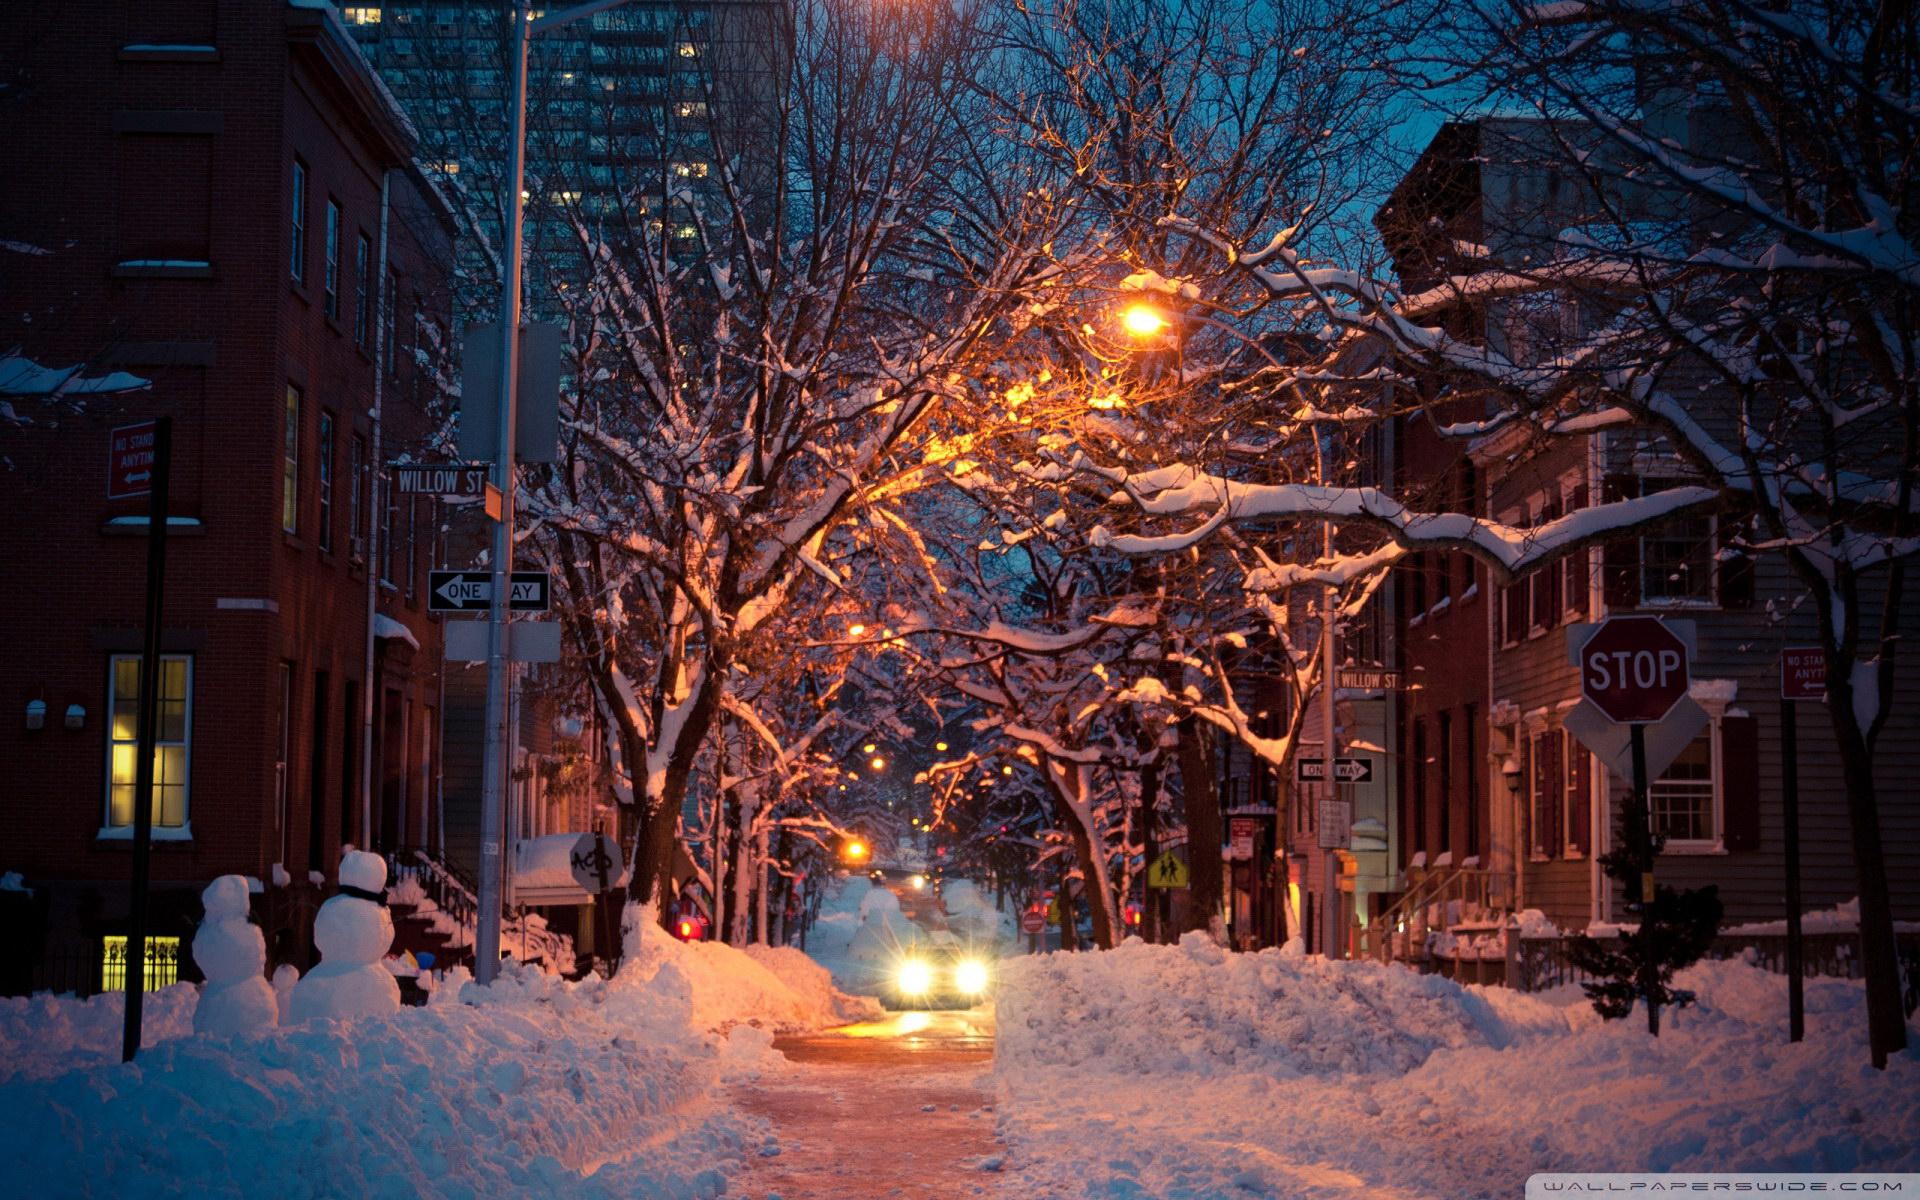 город зимой картинки вечерний